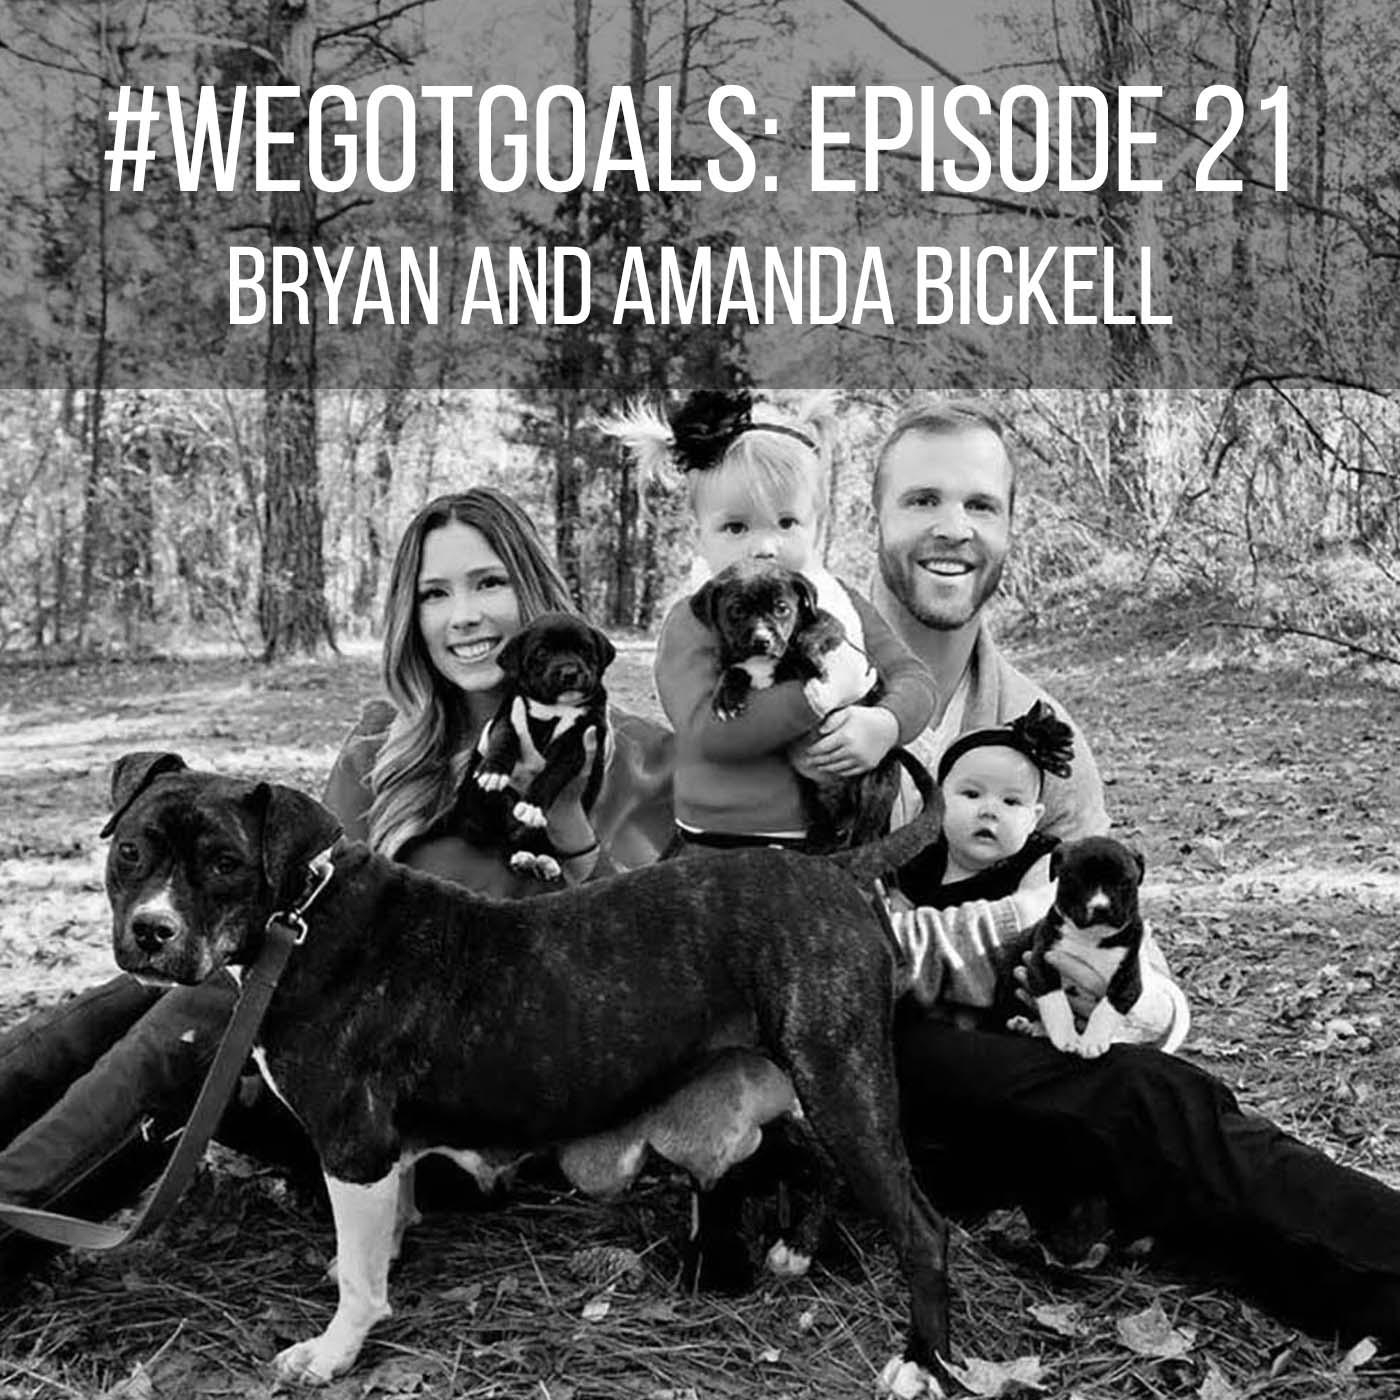 Bryan and Amanda Bickell